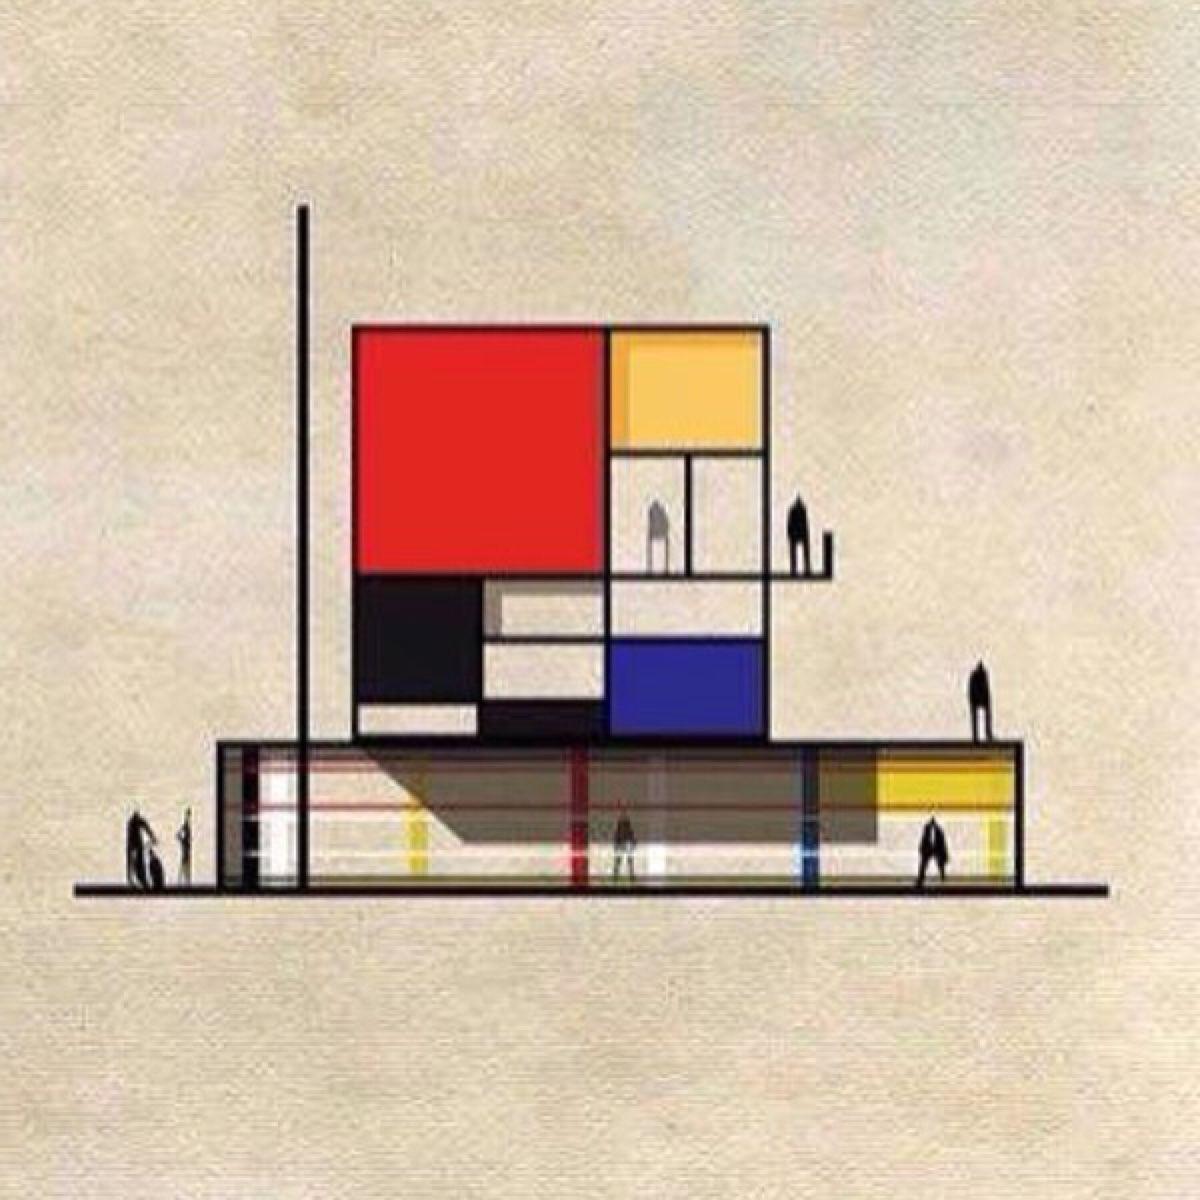 Bauhaus Movement Magazine Photo Bauhaus art, Mondrian